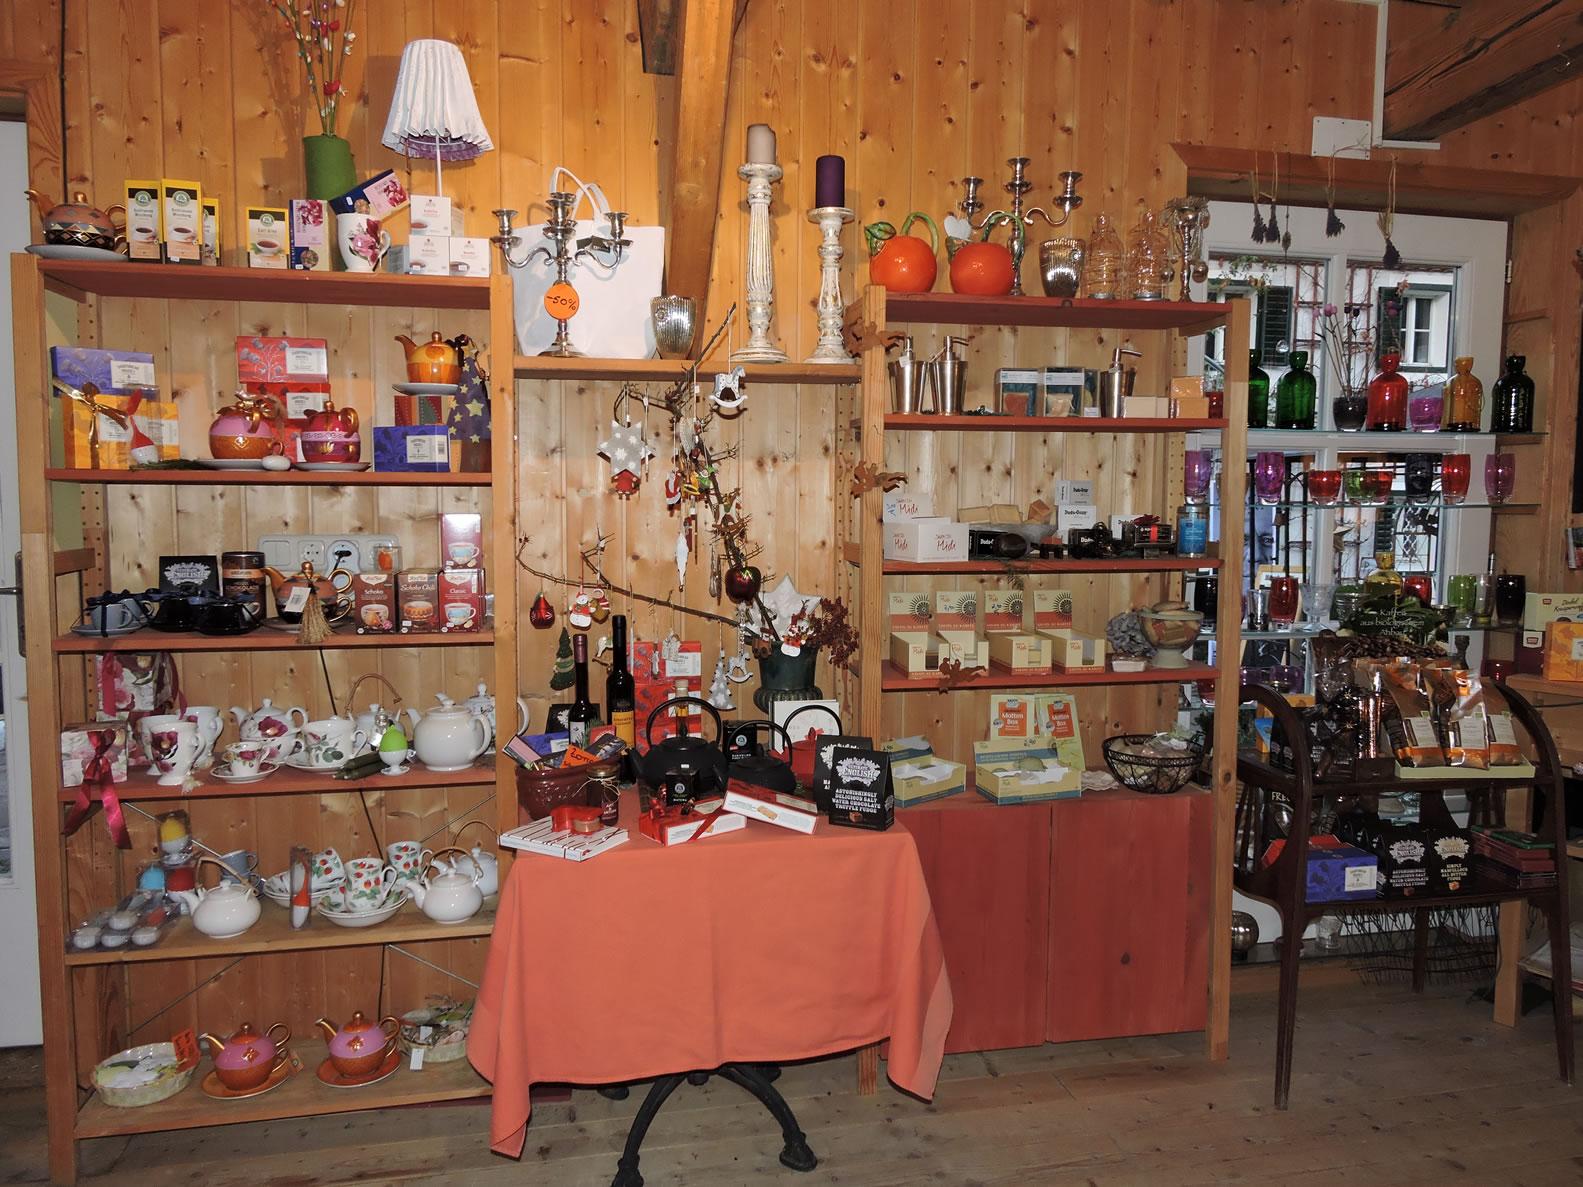 Kunst und Kulturgut Höribach Weihnachtsmarkt, Bio-Heu-Region, Biodorf (3)